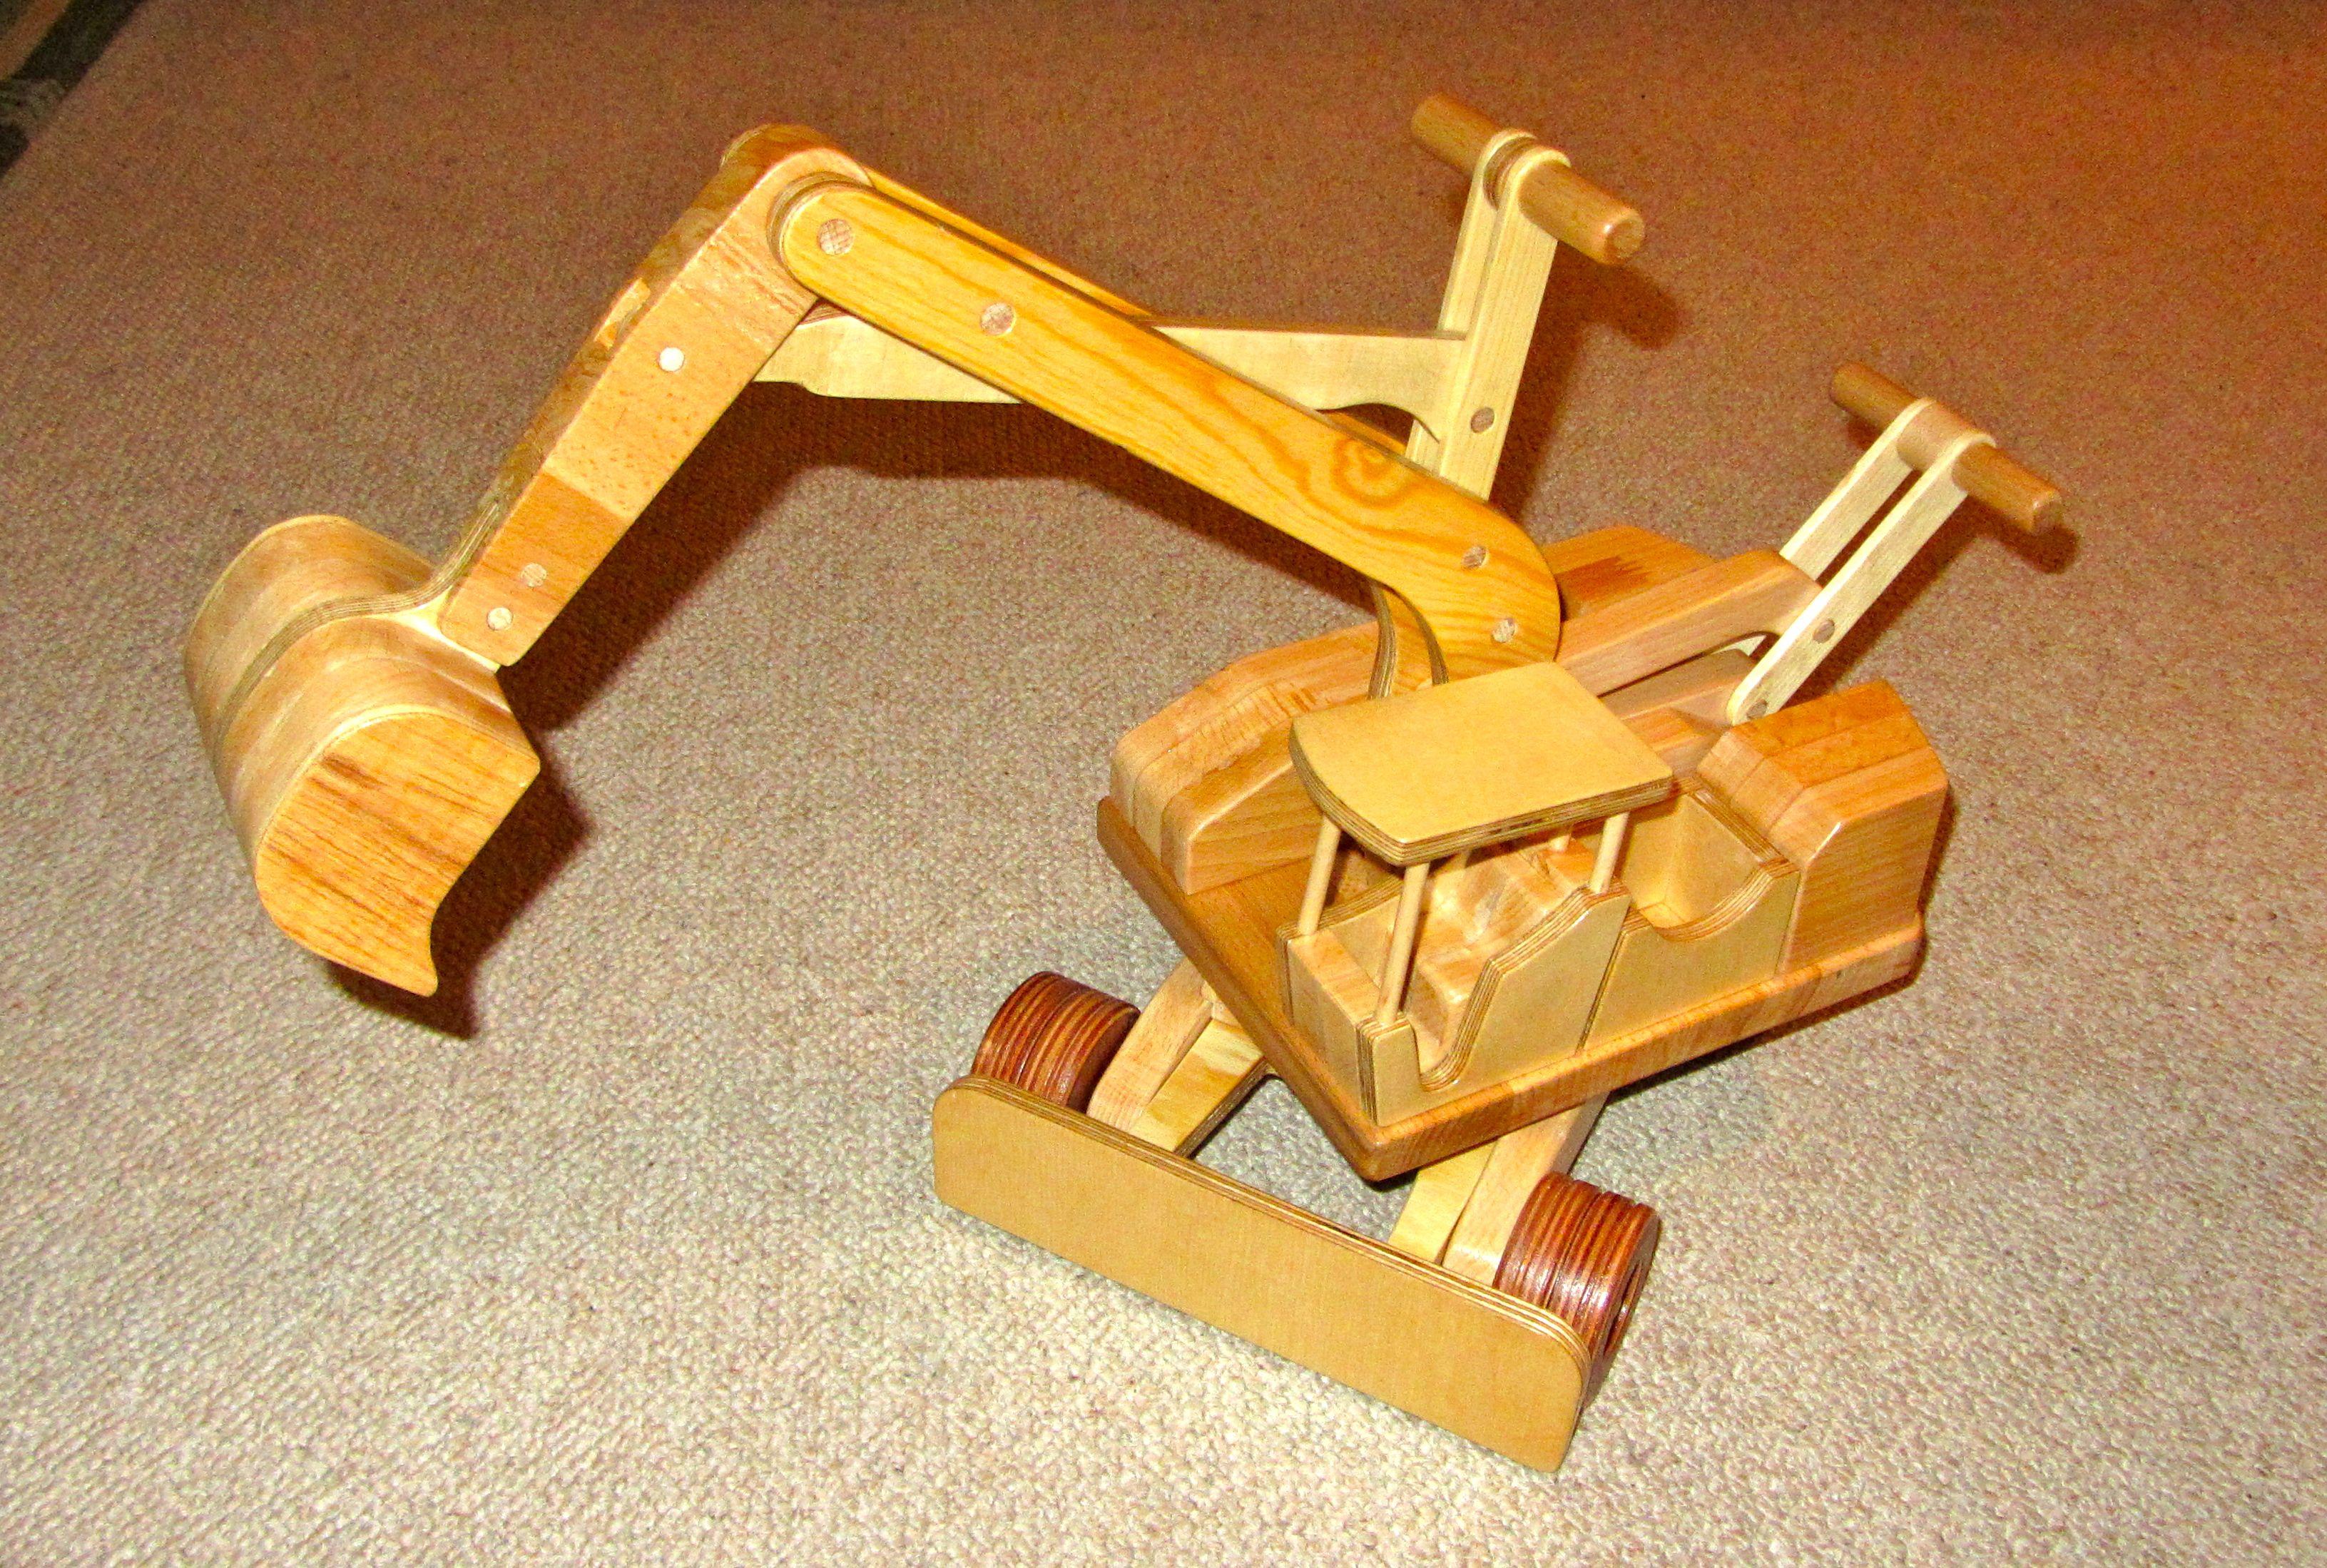 kinder-holzspielzeug, bagger bauanleitung zum selber bauen | toys